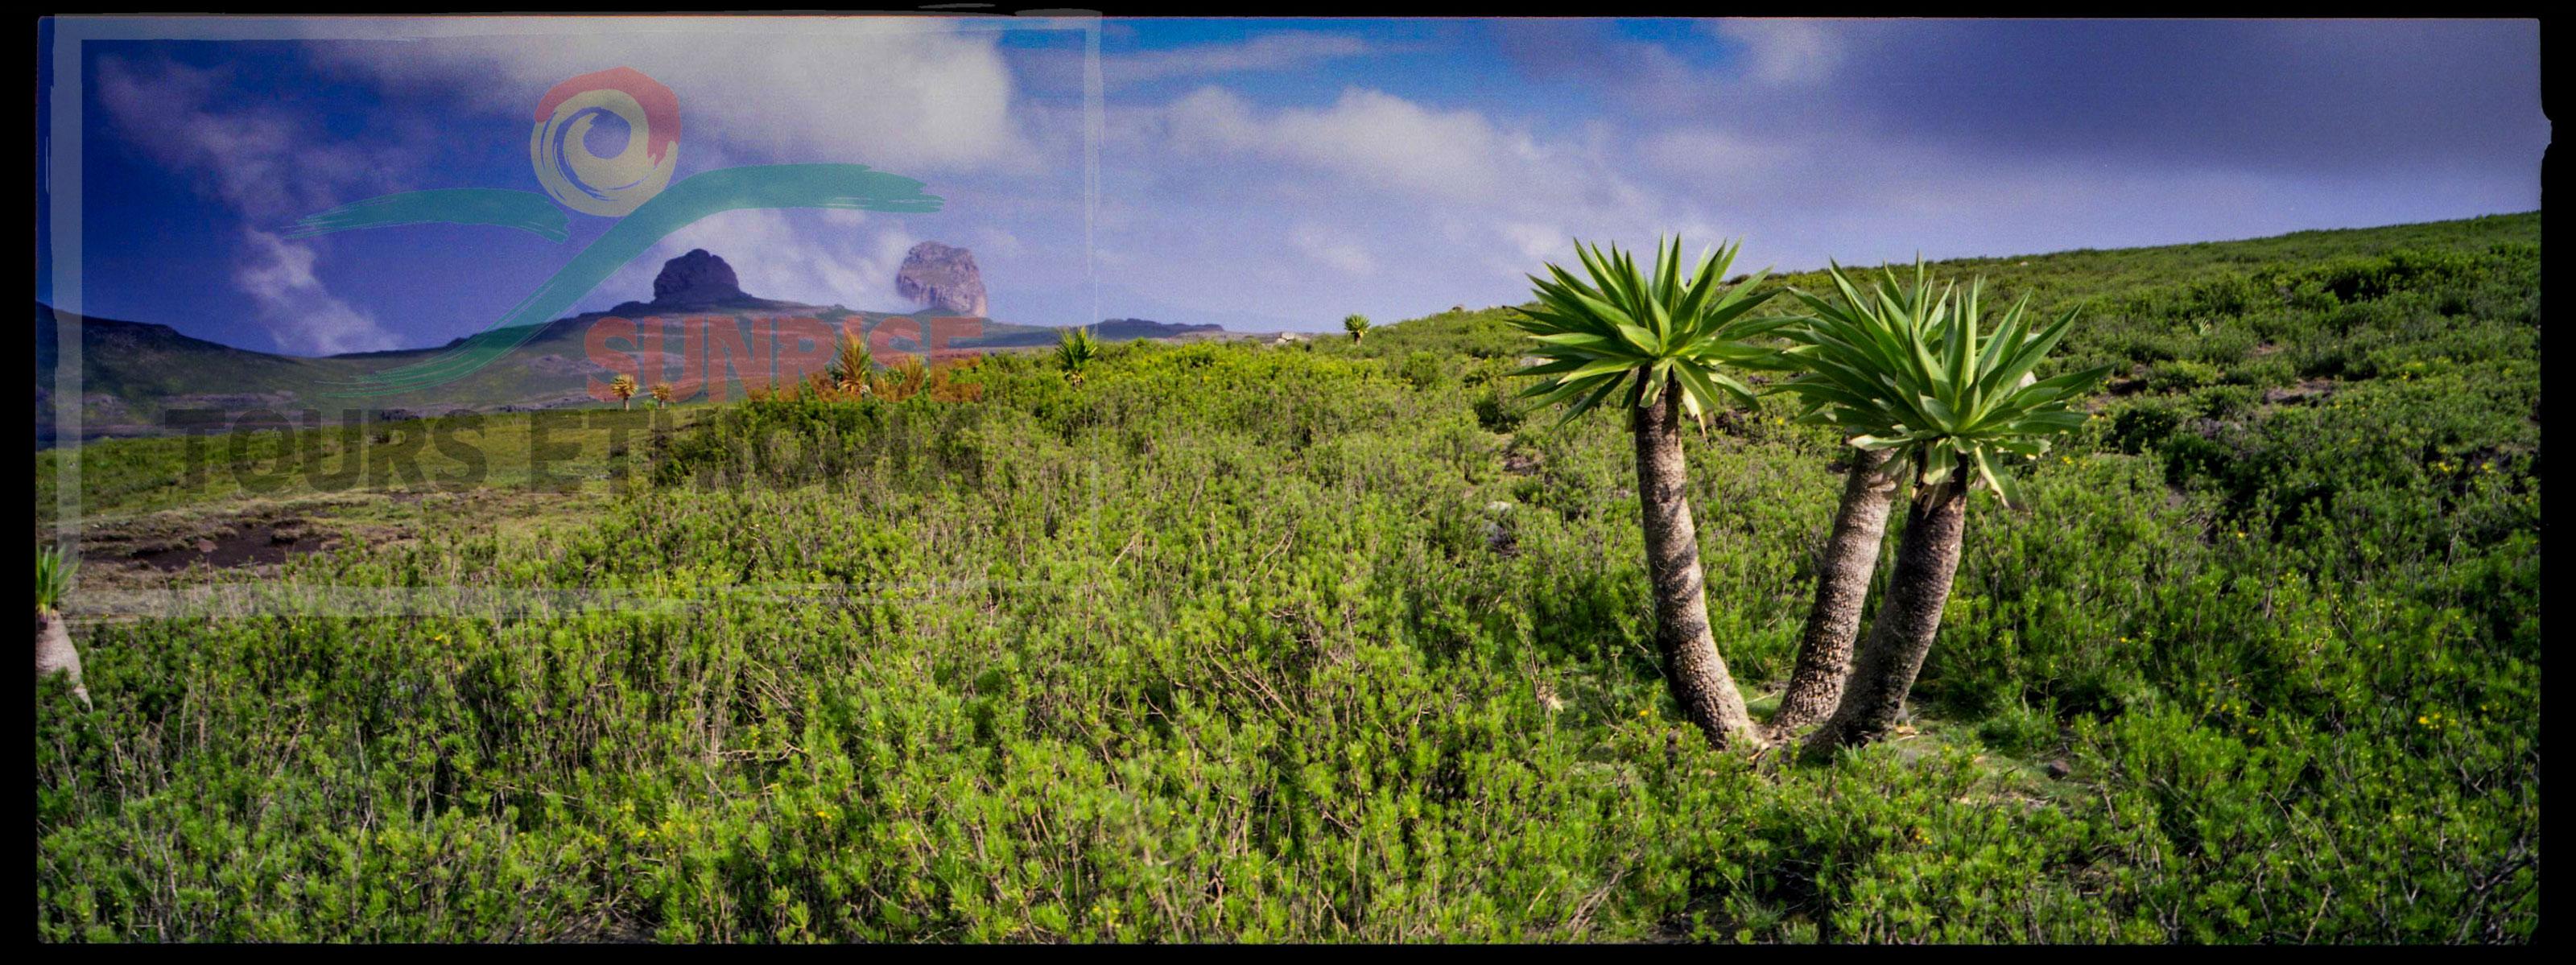 ETHIOPIA HIGH MOUNTAIN ABUNE YOSEPH GIANT LOBELIA